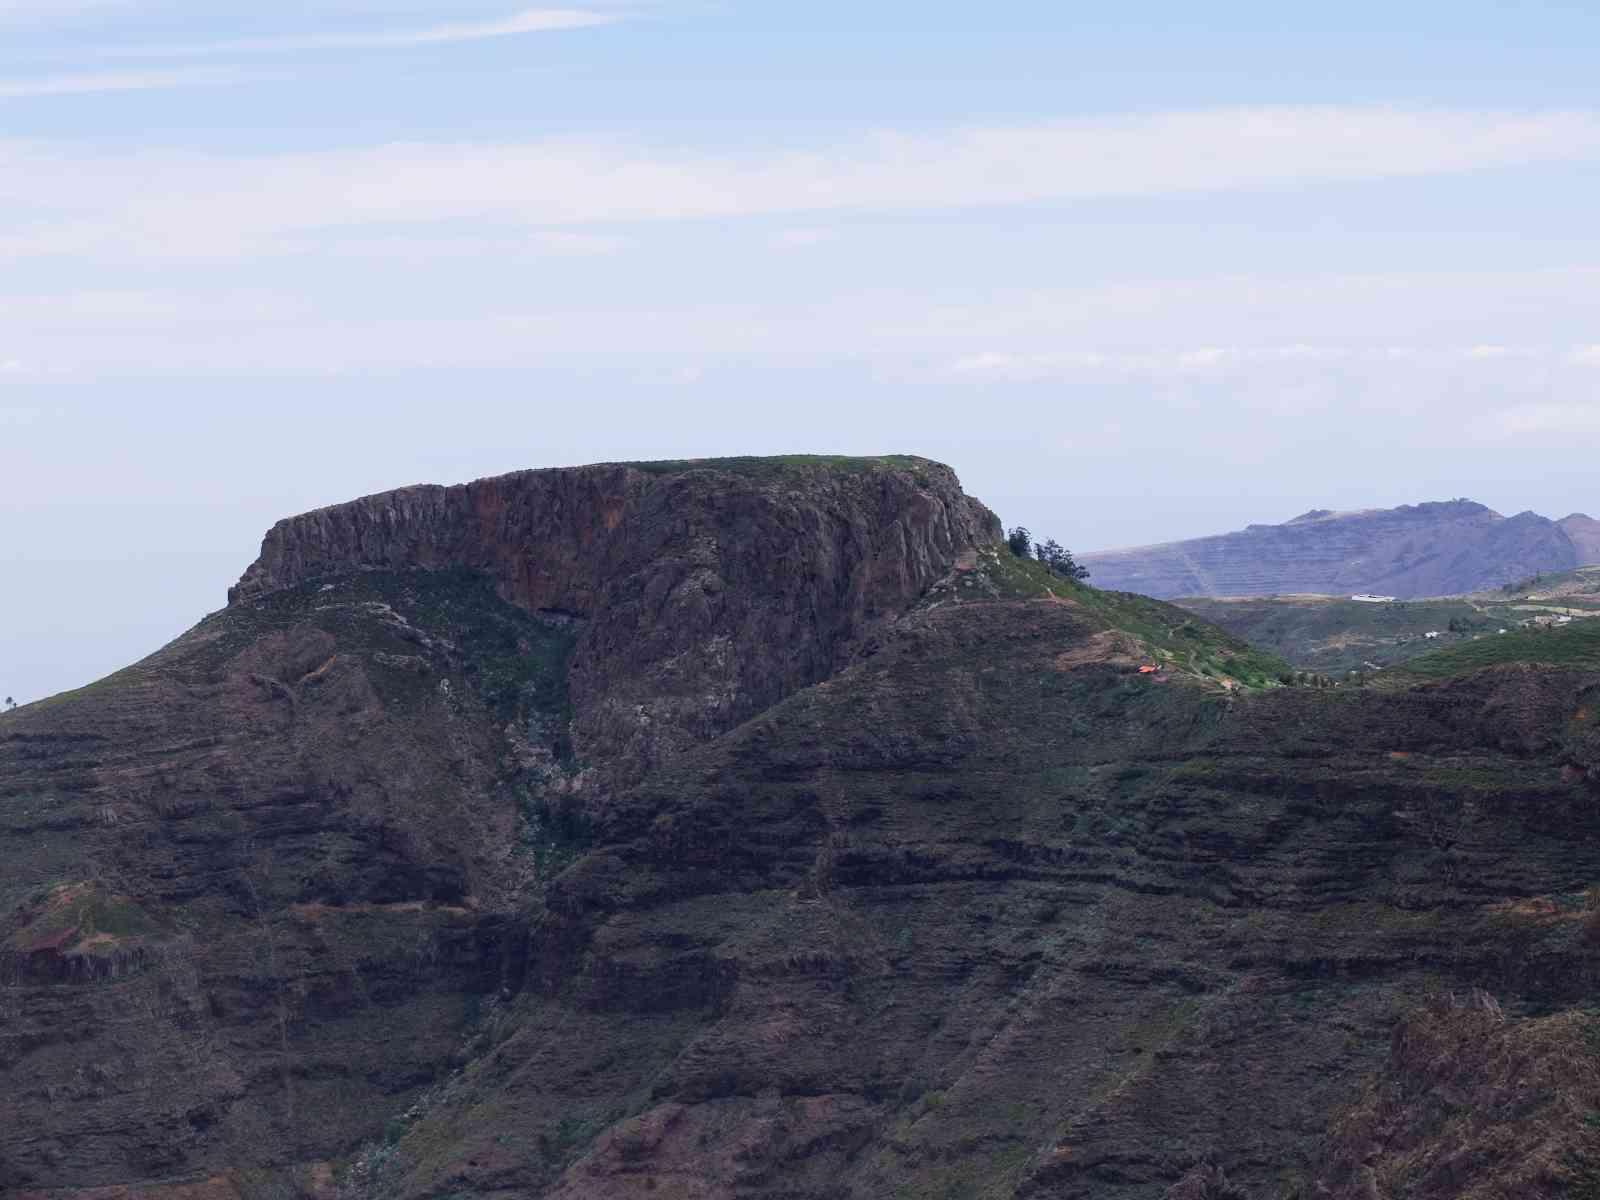 Inselrundfahrt La Gomera - La Fortaleza